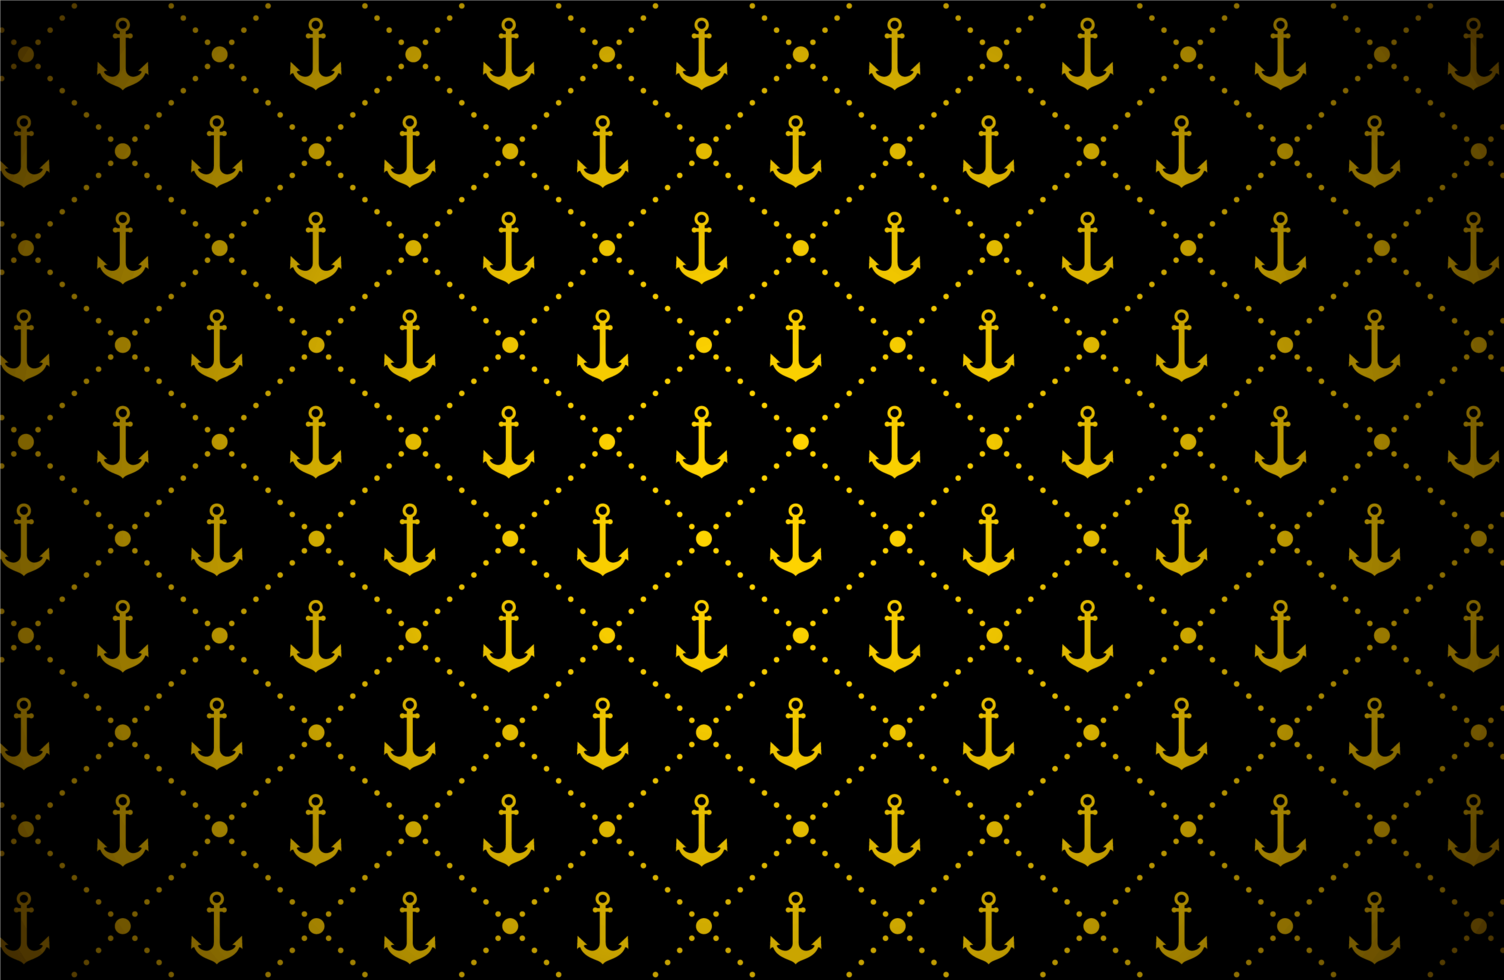 patrón de ancla dorada sobre negro vector